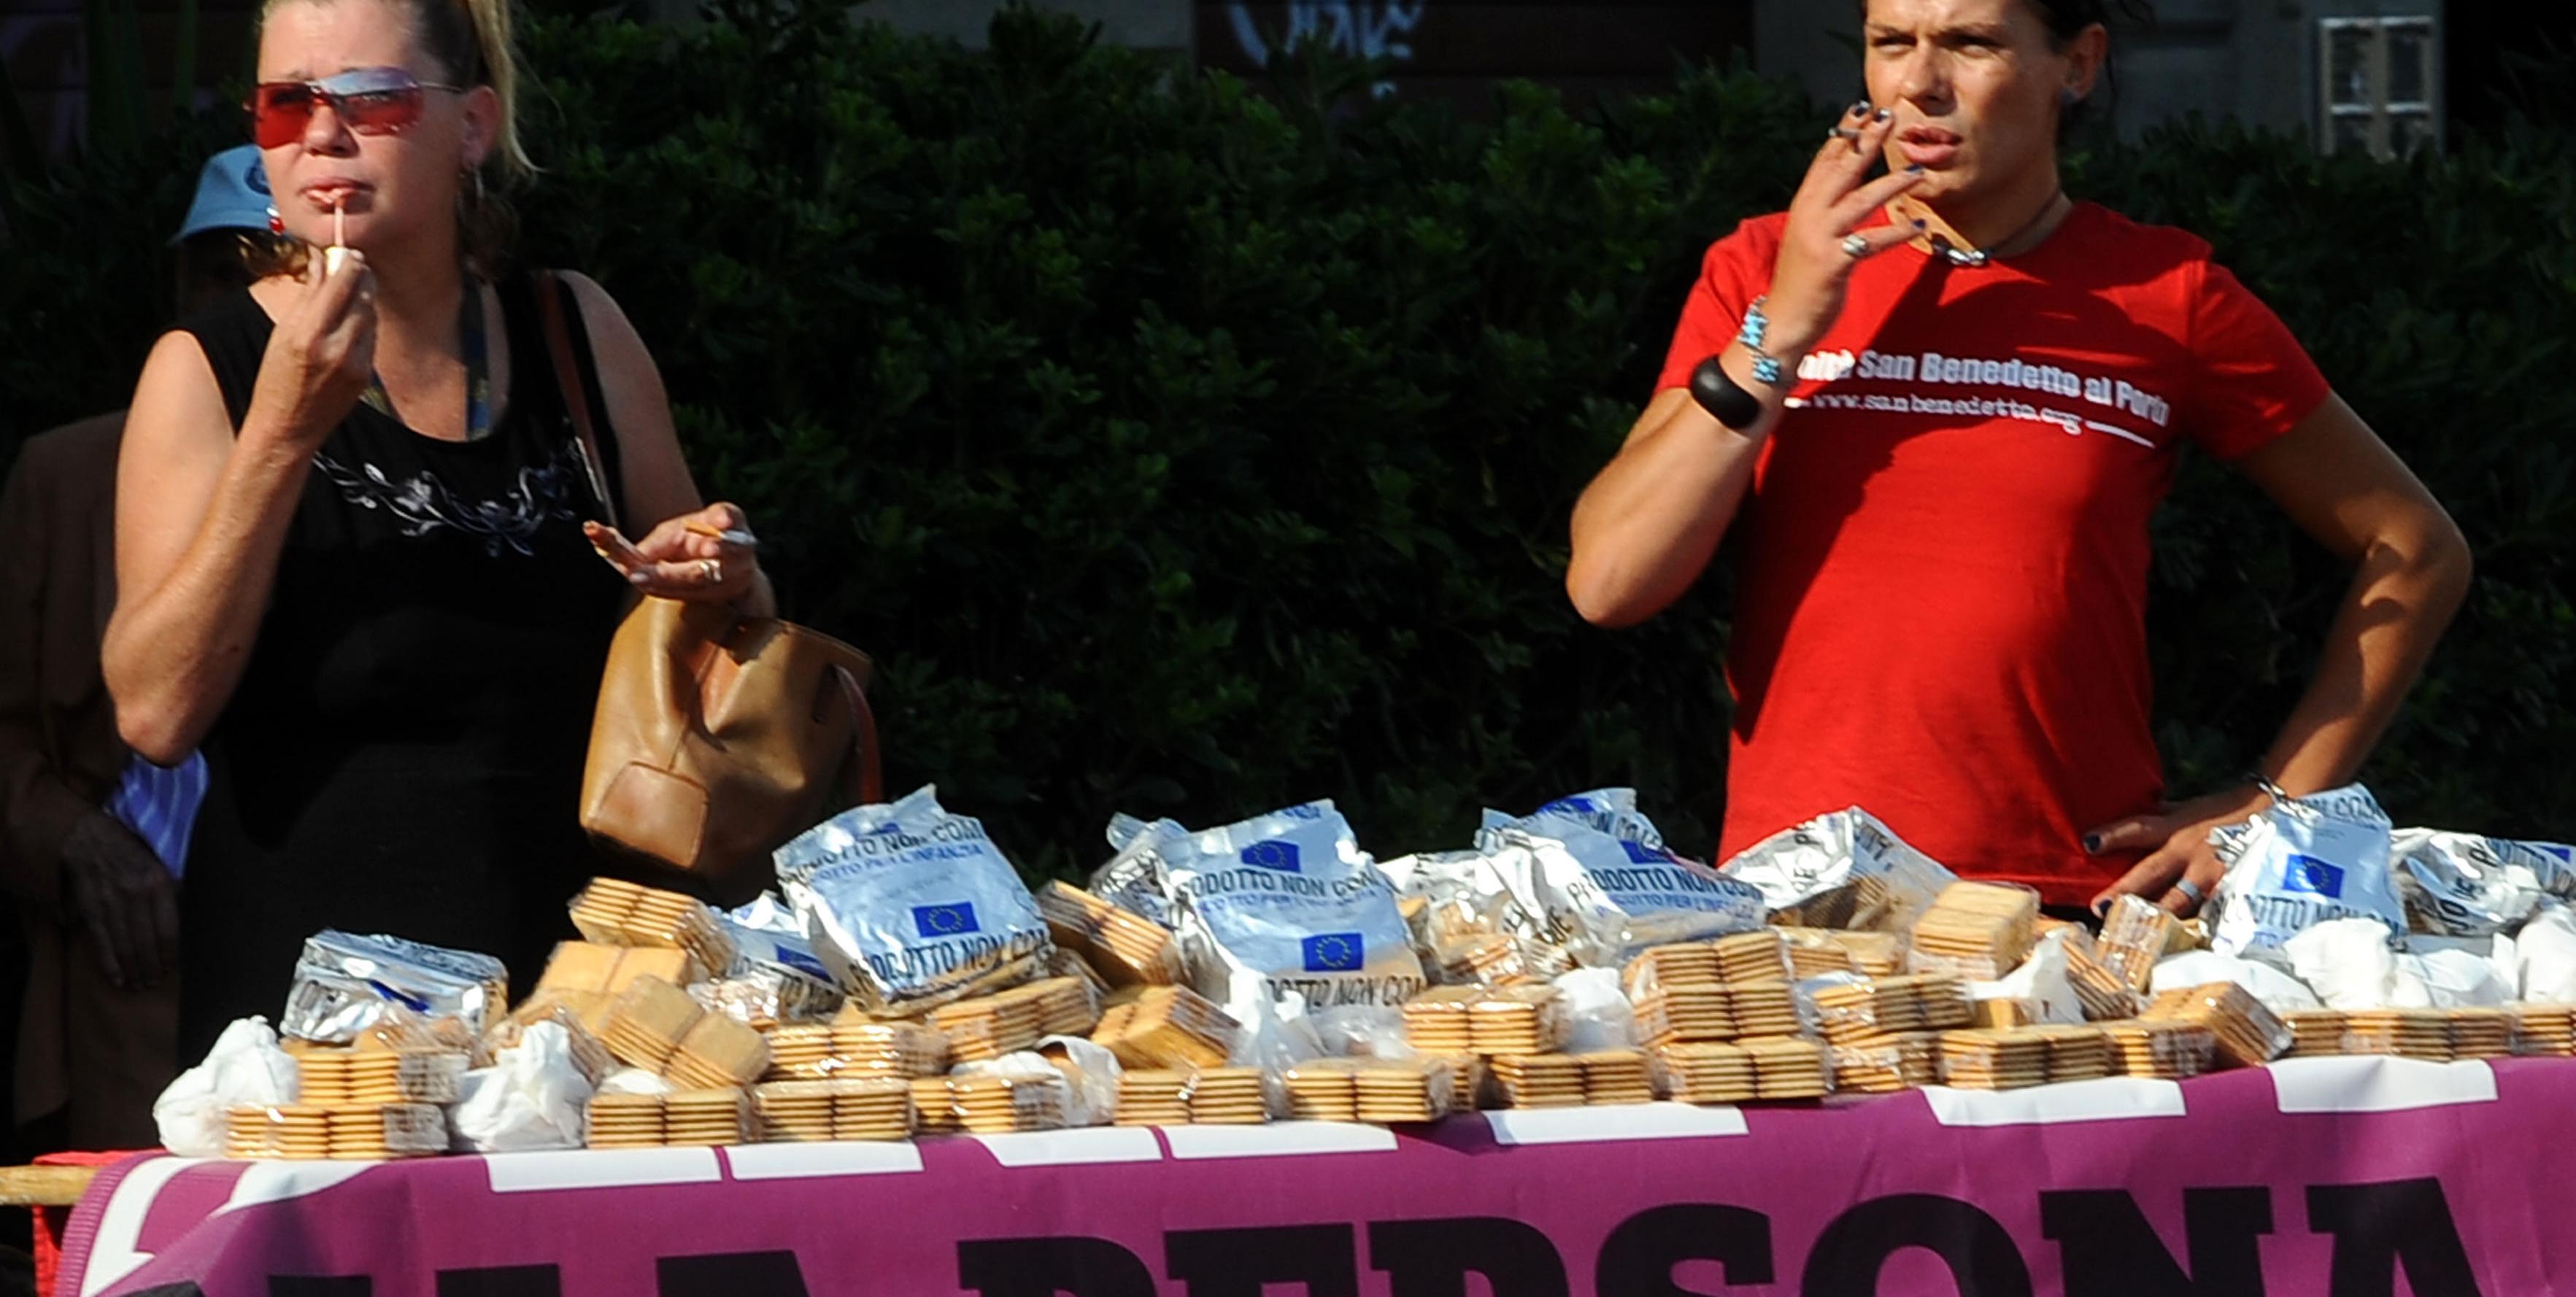 E don gallo regala ai compagni i biscotti per i bambini poveri - Tavole massoniche per compagni ...